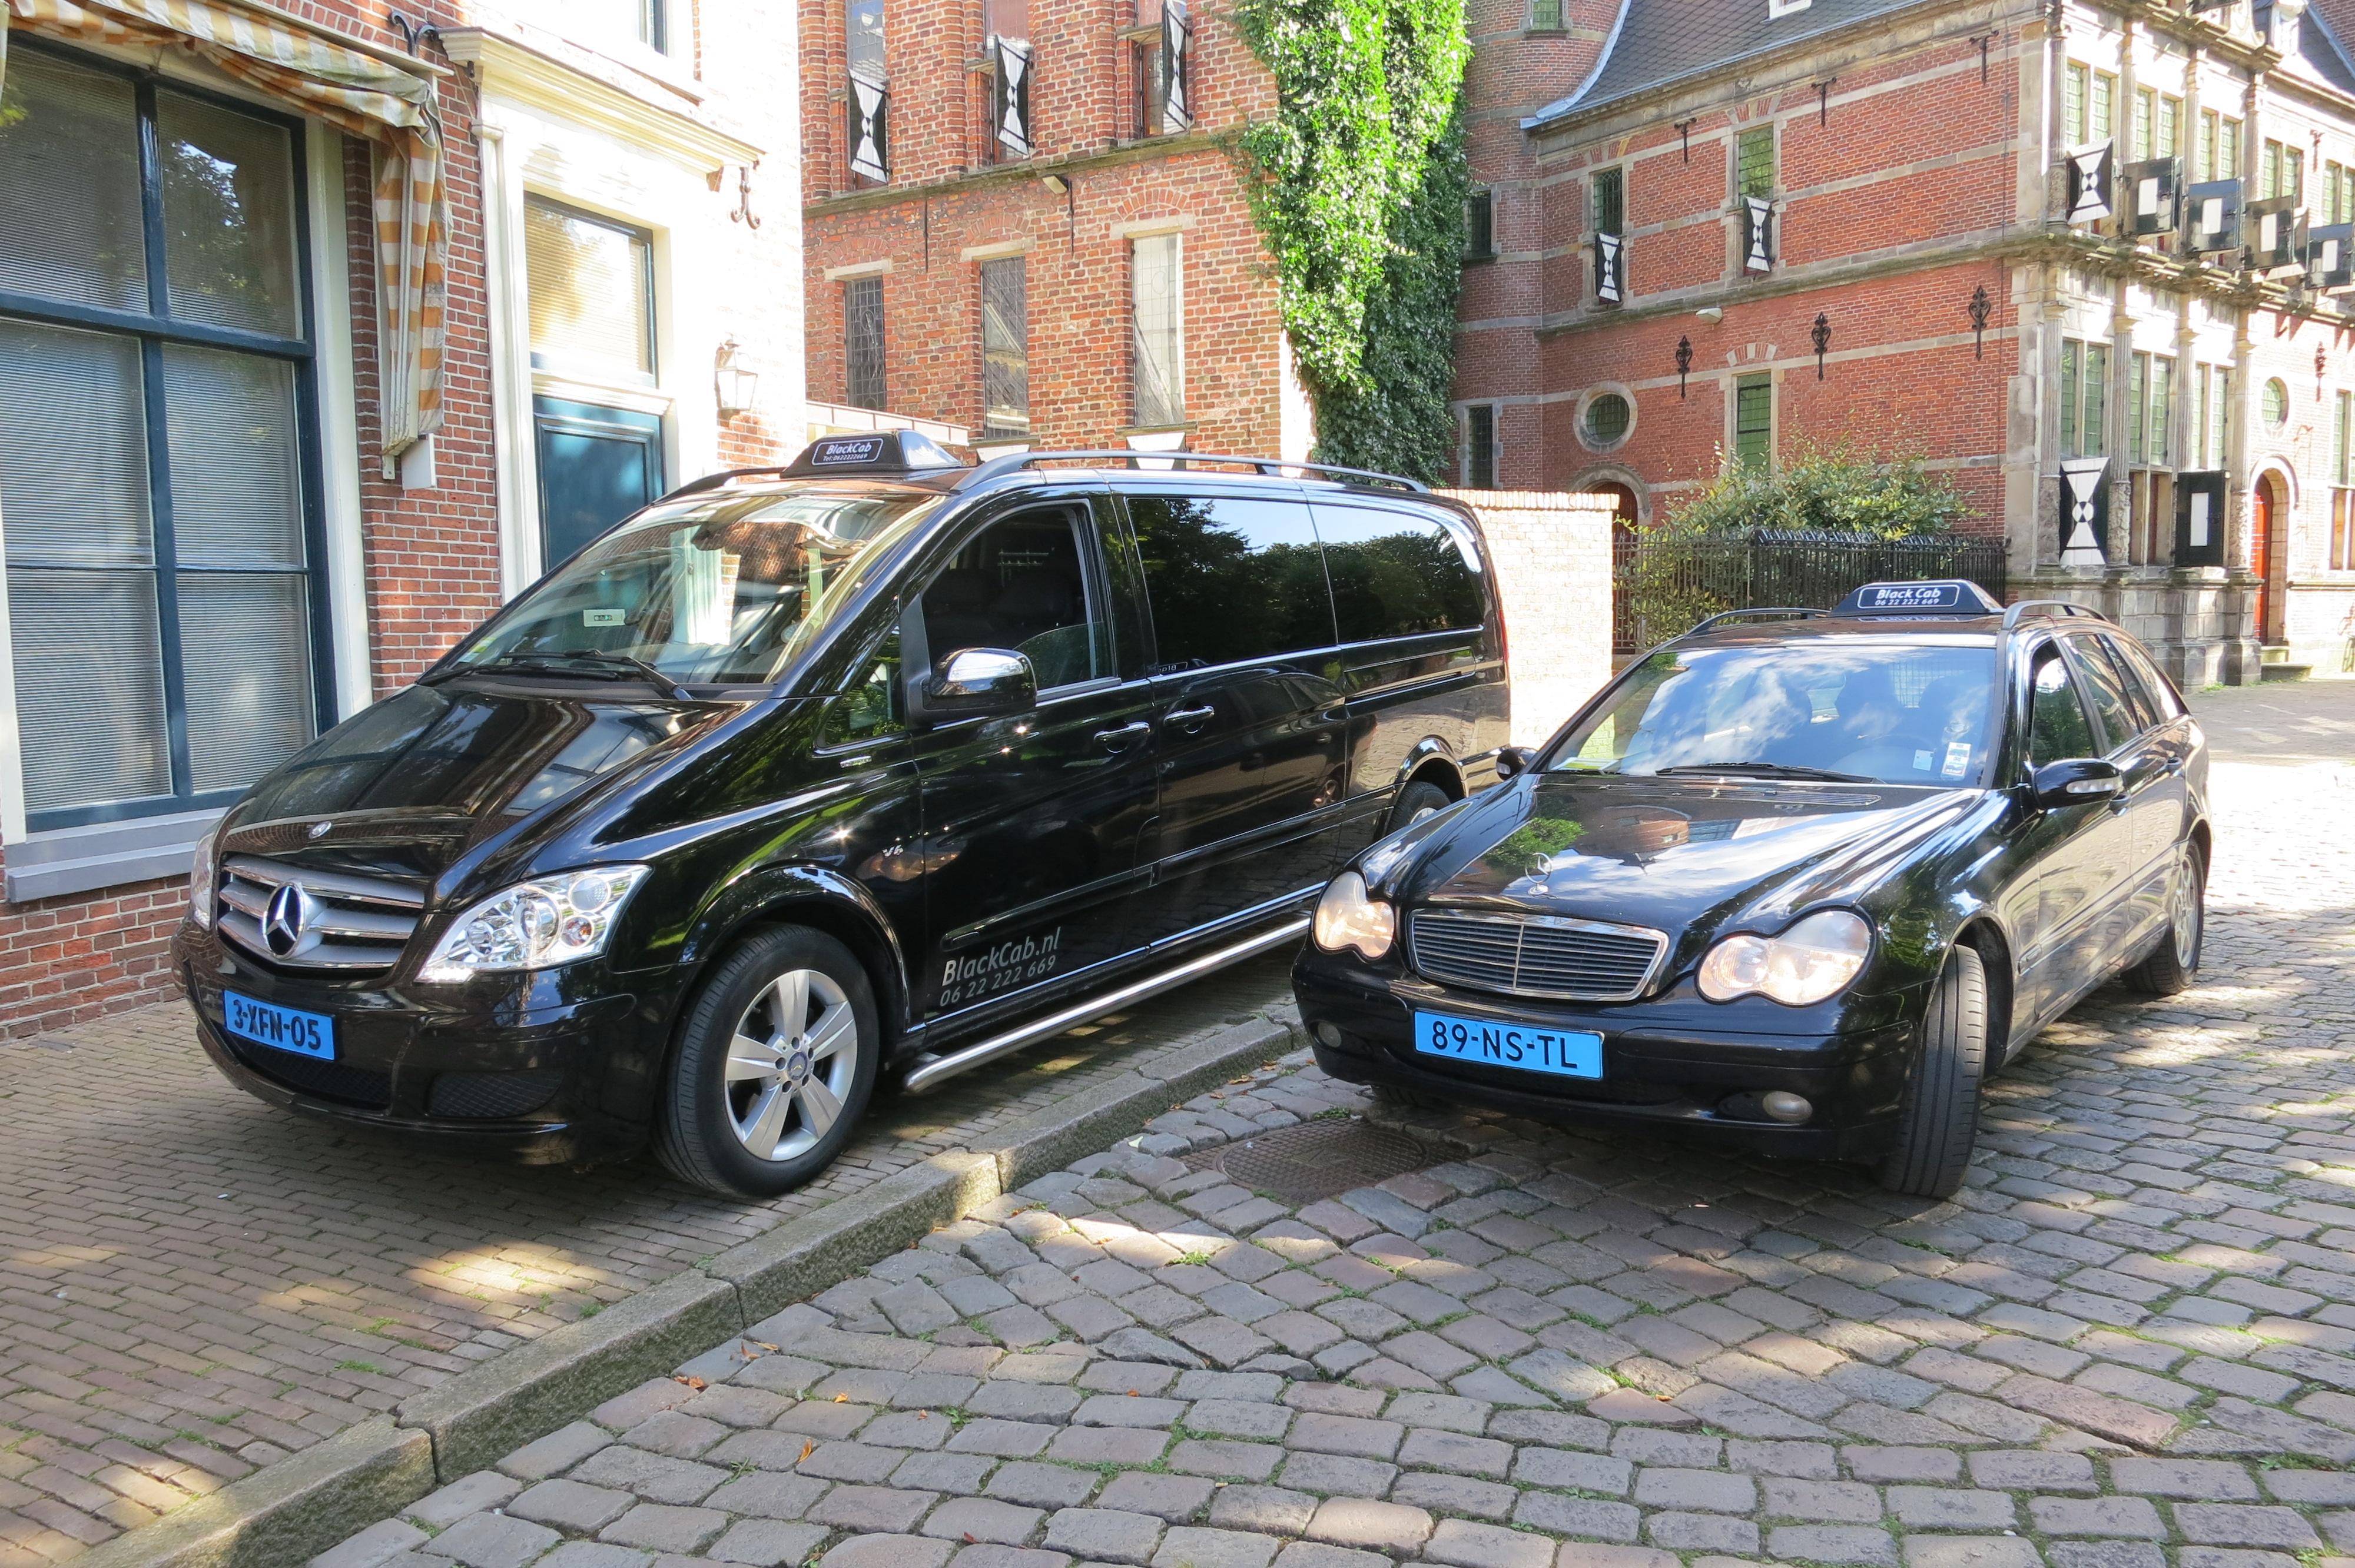 Goedkope Keukens Groningen : Goedkope Taxi Groningen 050 3644044 Taxi Groningen